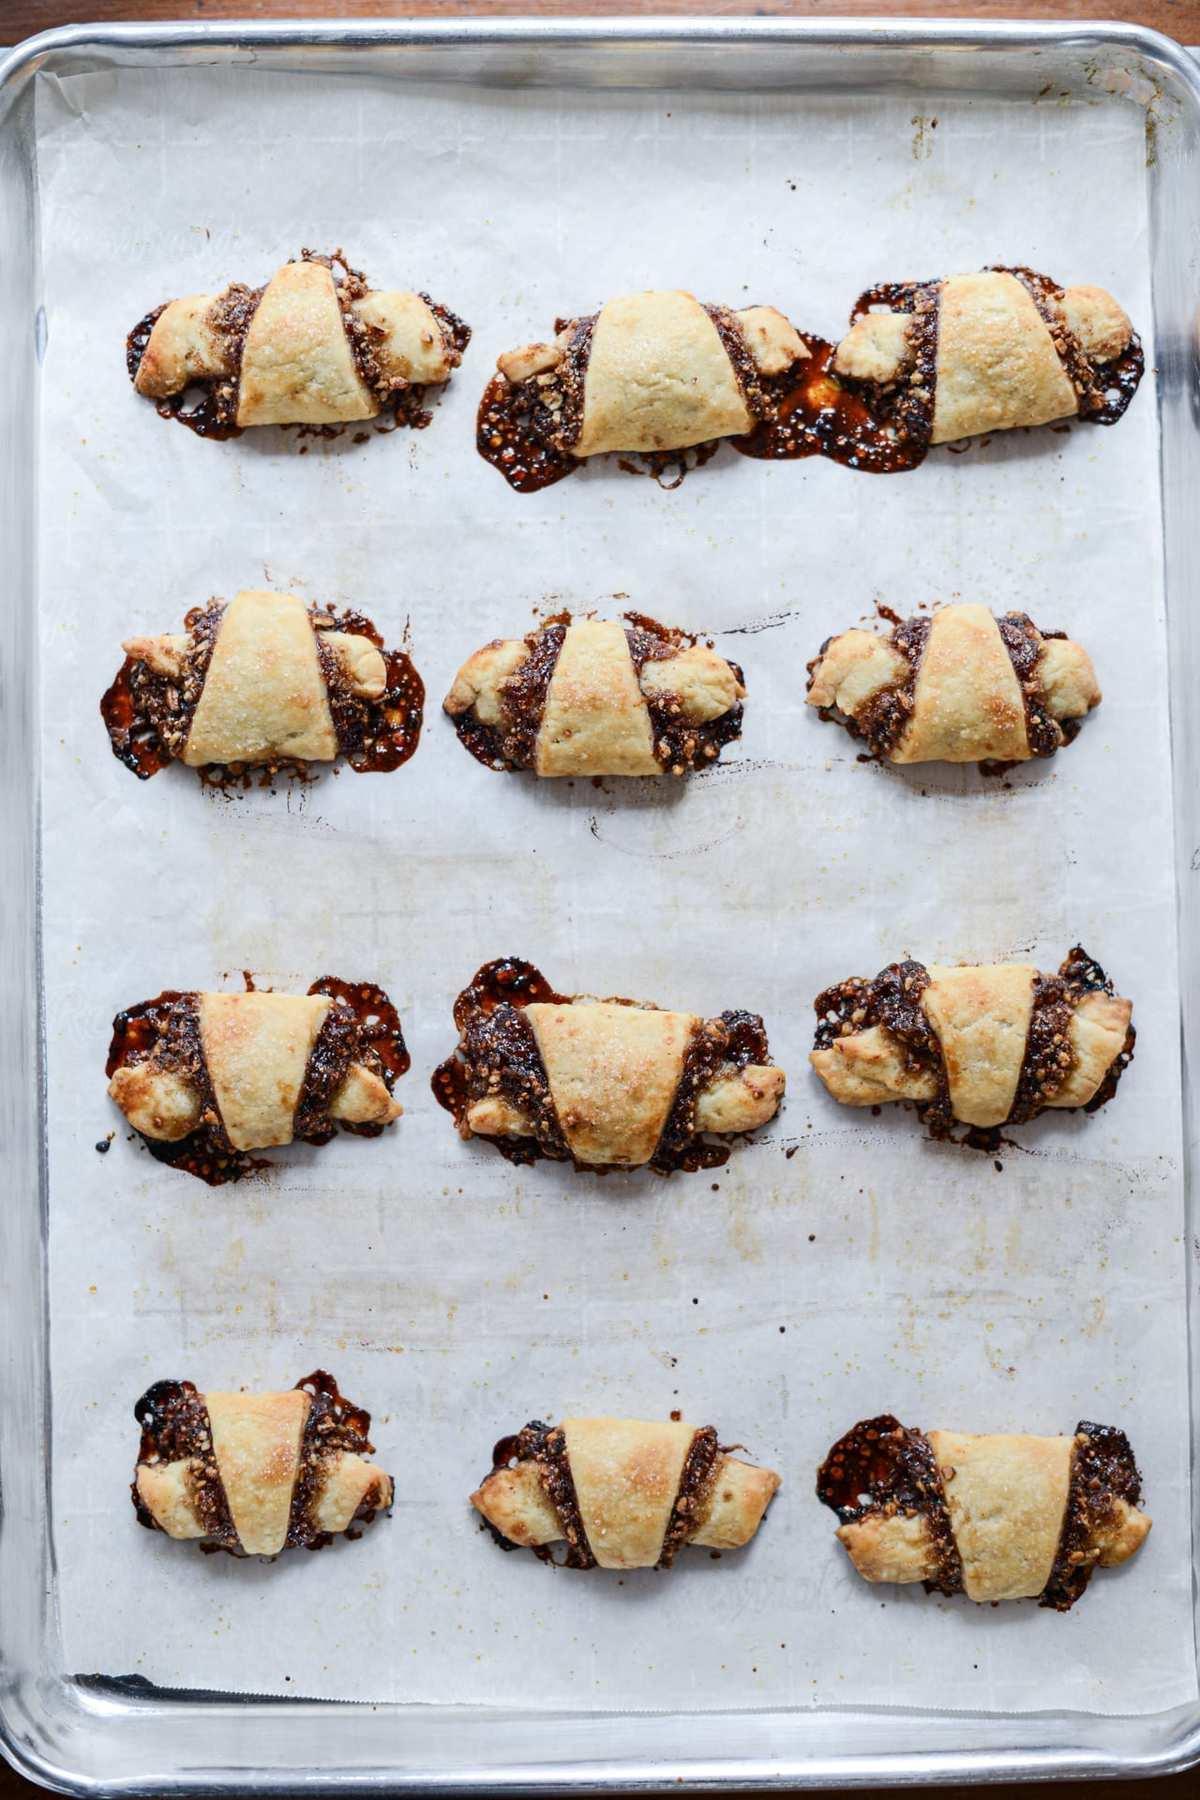 Fare Isle | Vegan Rugelach - Christmas Cookies